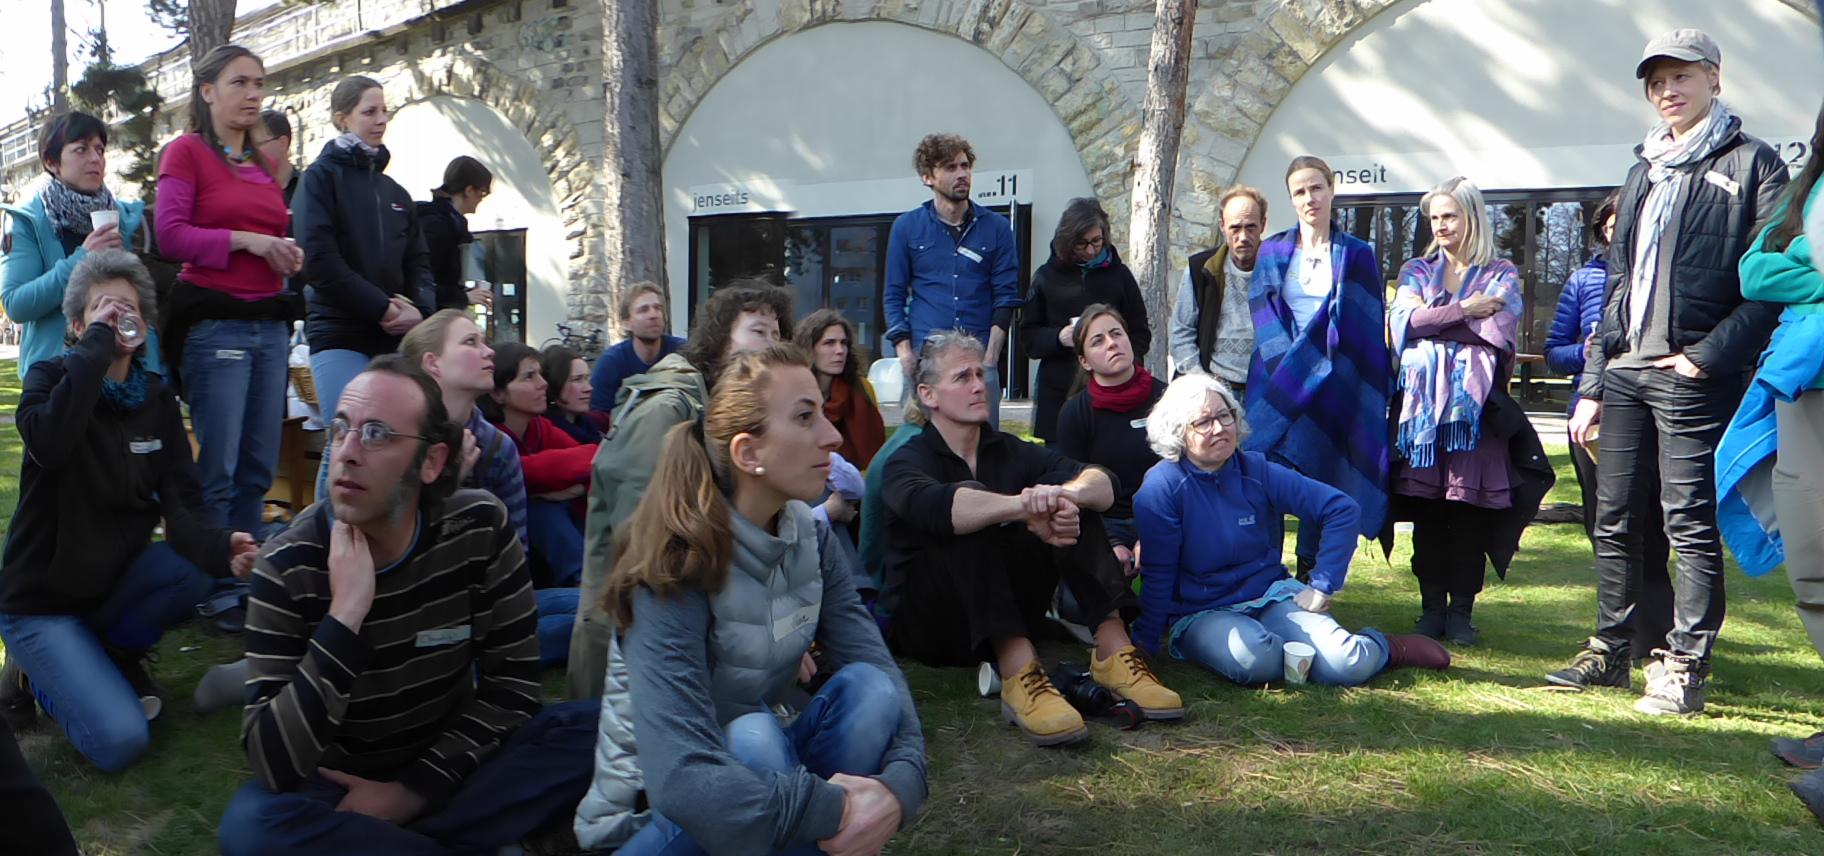 Die Mitglieder und Teilnehmer denken und gestalten eine gemeinsame Zukunft für den Verband